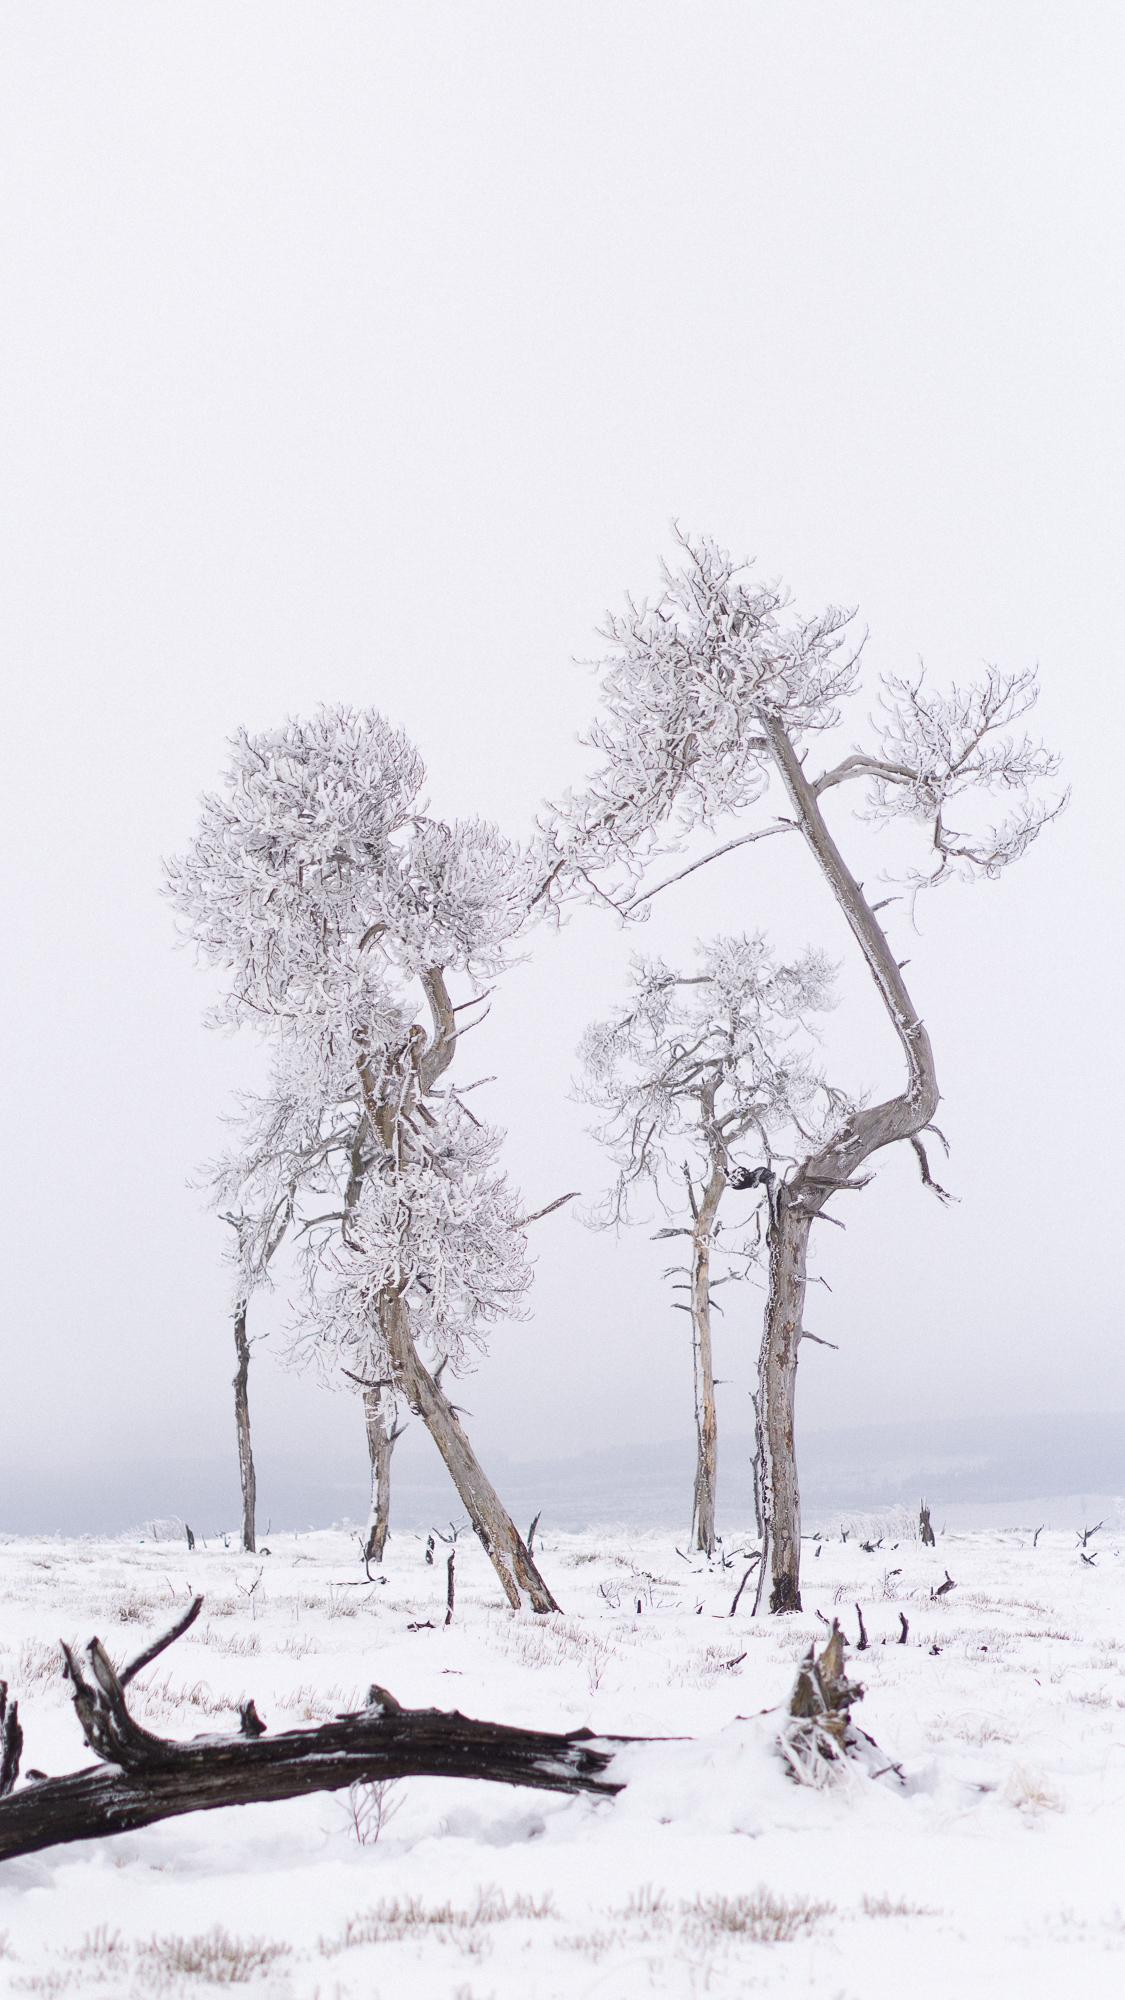 Alleenstaande bomen in besneeuwd landschap